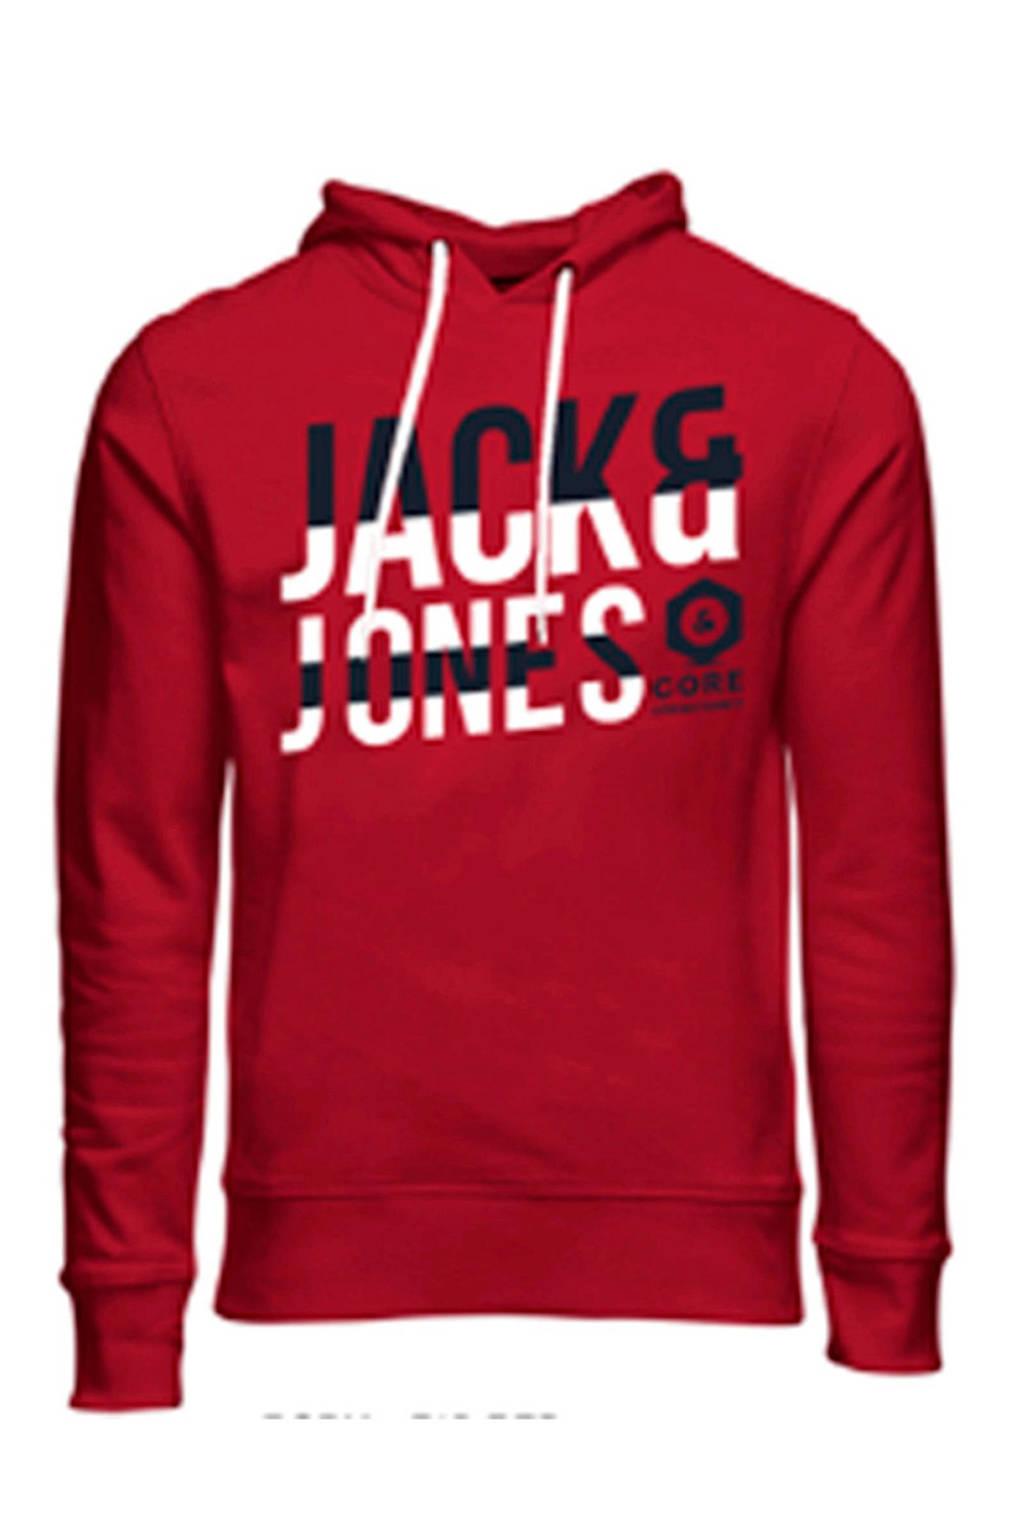 JACK & JONES JUNIOR hoodie met tekst rood/wit/zwart, Rood/wit/zwart